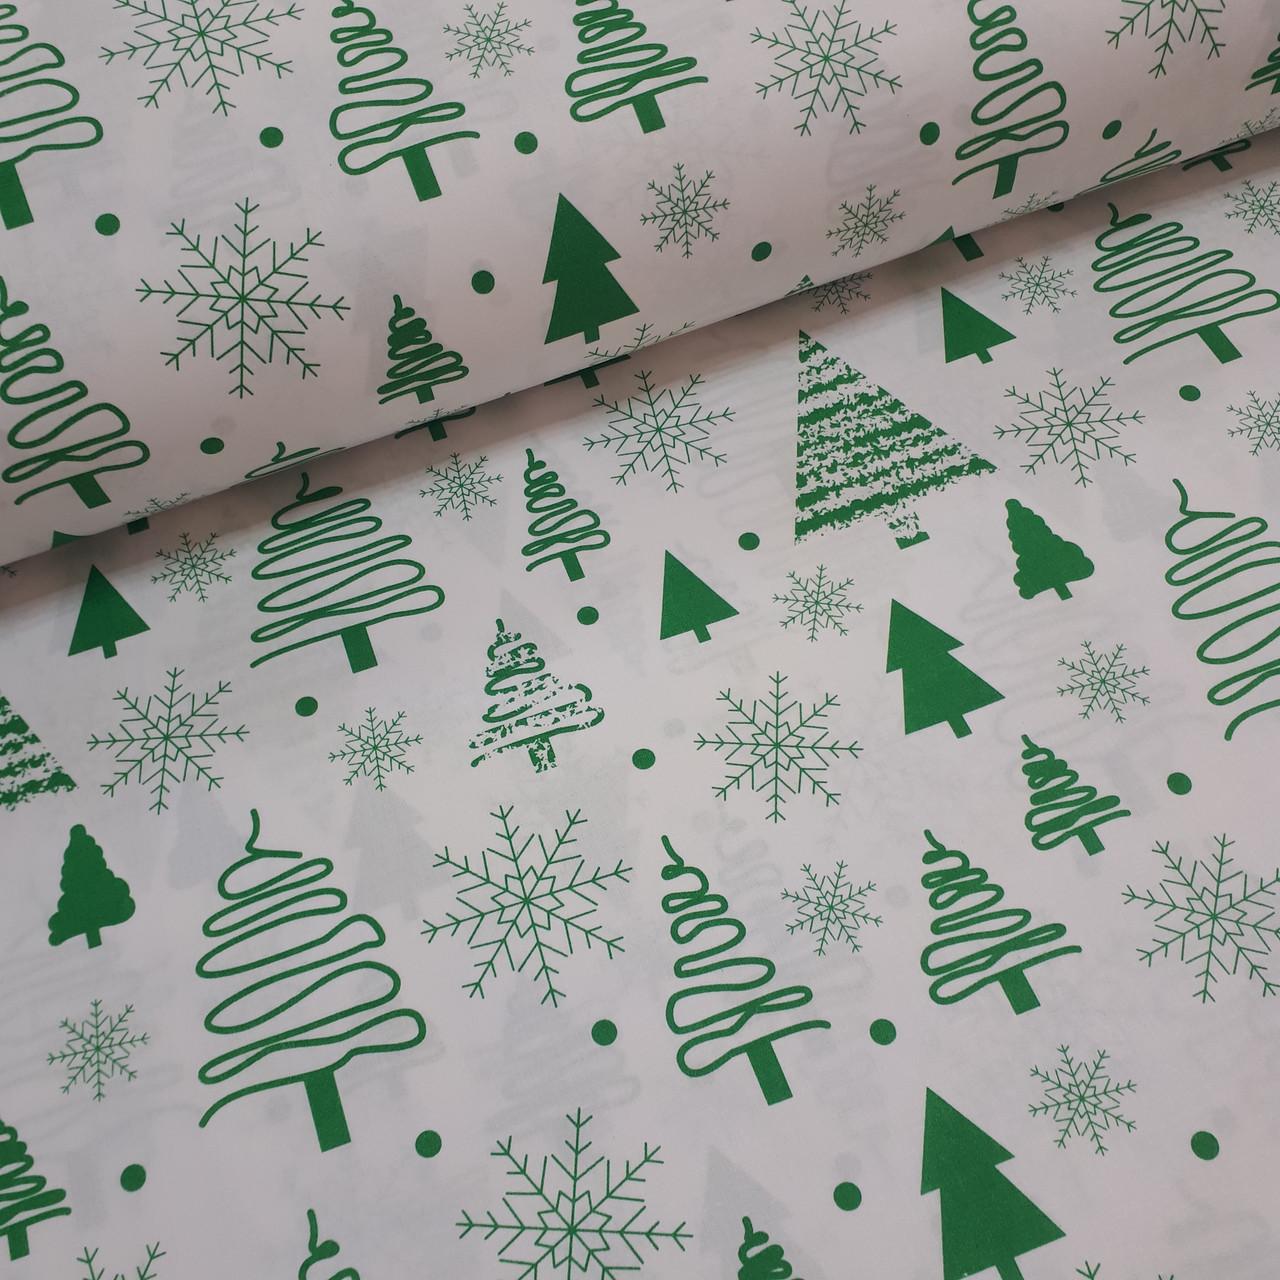 Ткань новогодняя хлопковая, зеленые елочки и снежинки на белом